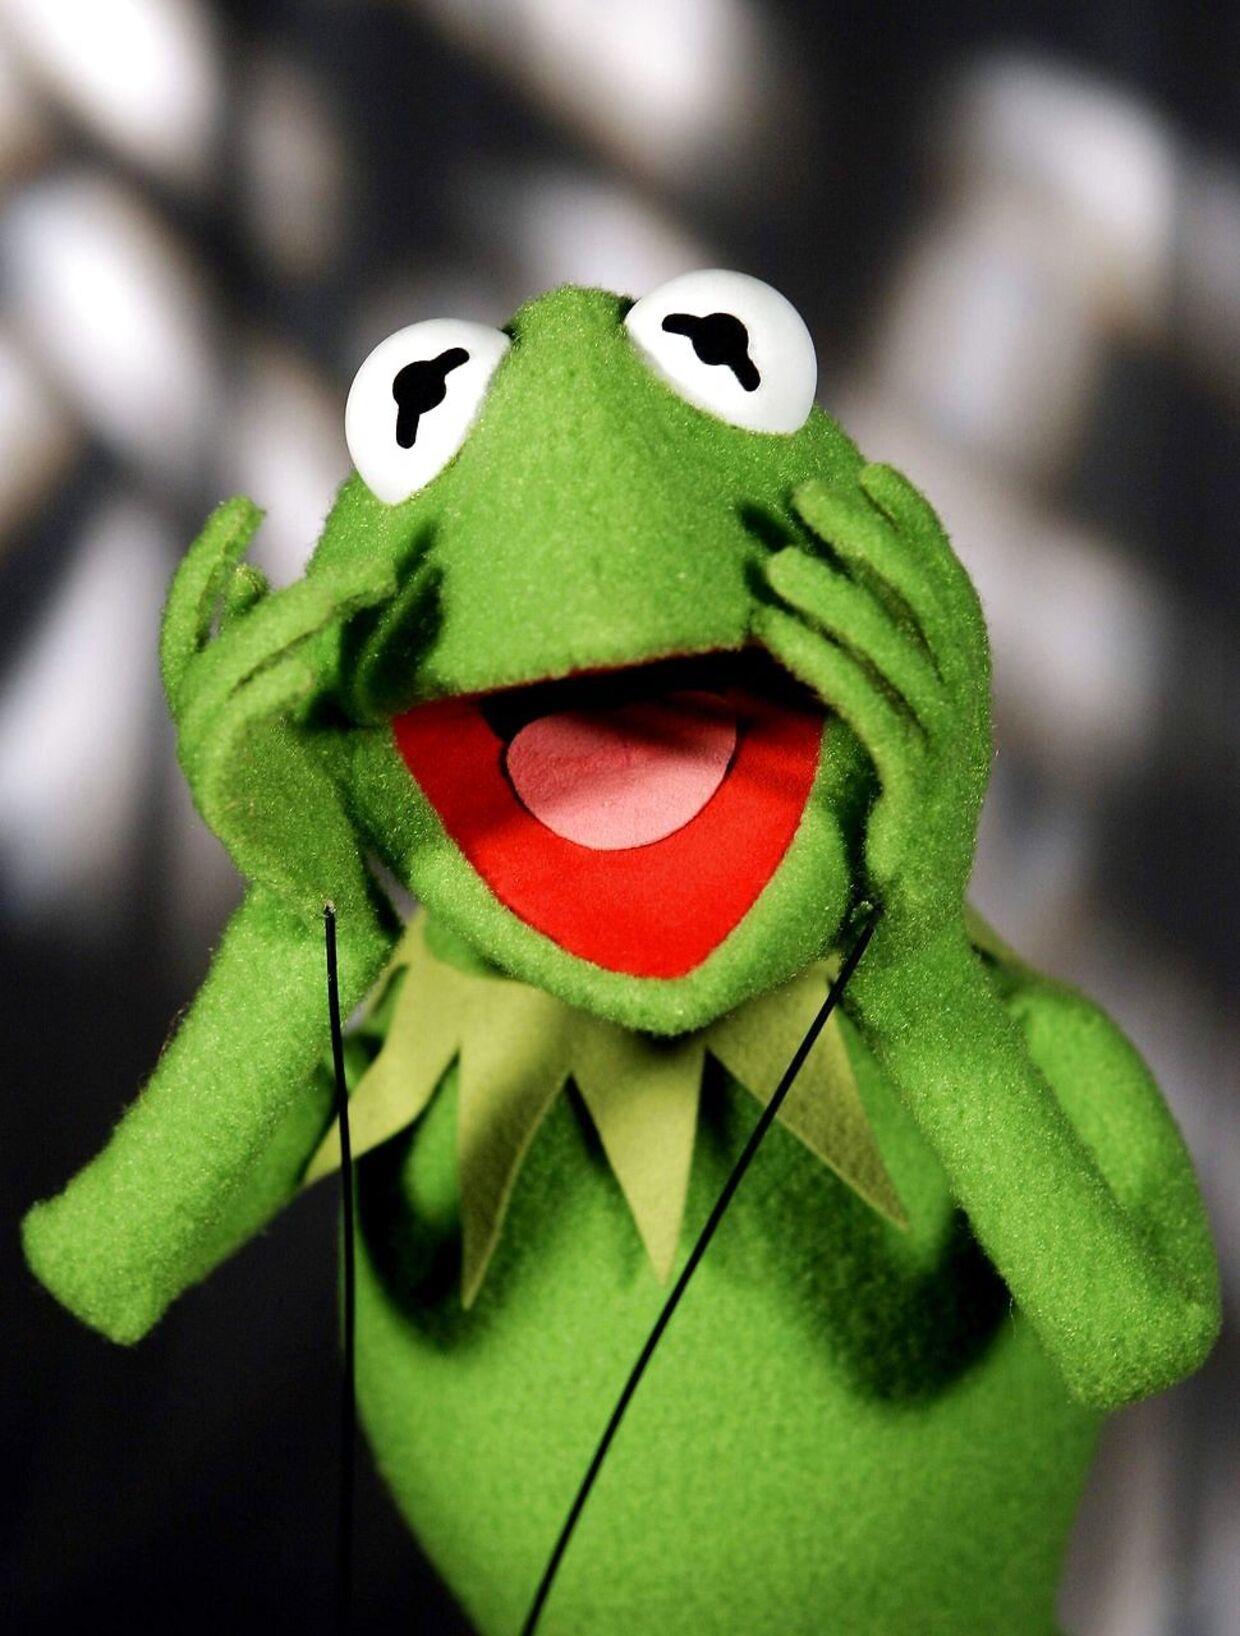 Sådan ville Kermit reagere, hvis han så den nye version af 'Muppet Show' 'Happy Time Murders'.